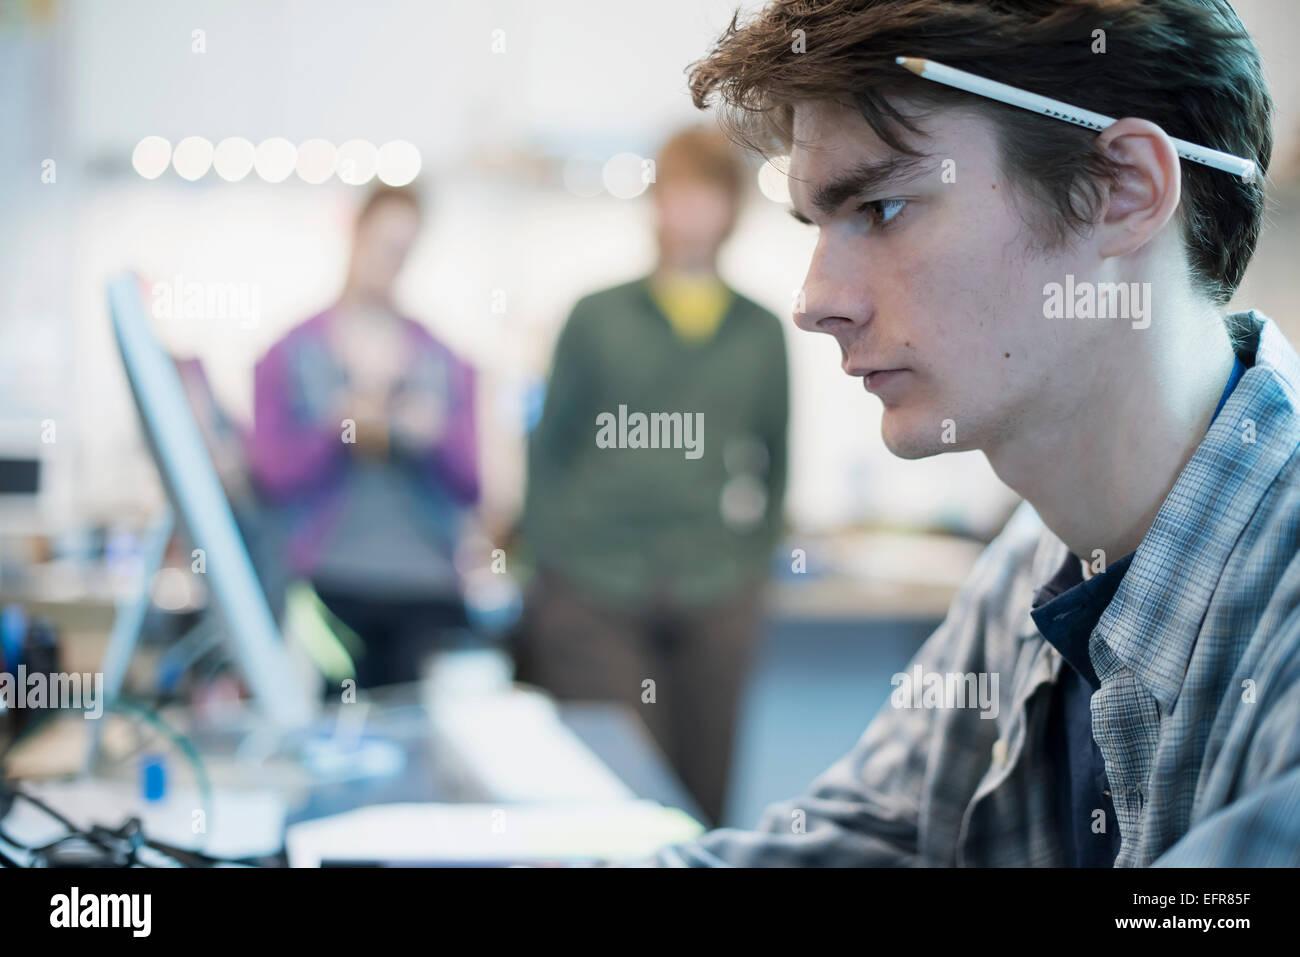 Un jeune homme assis à un ordinateur dans un atelier de réparation. Deux personnes dans l'arrière Photo Stock